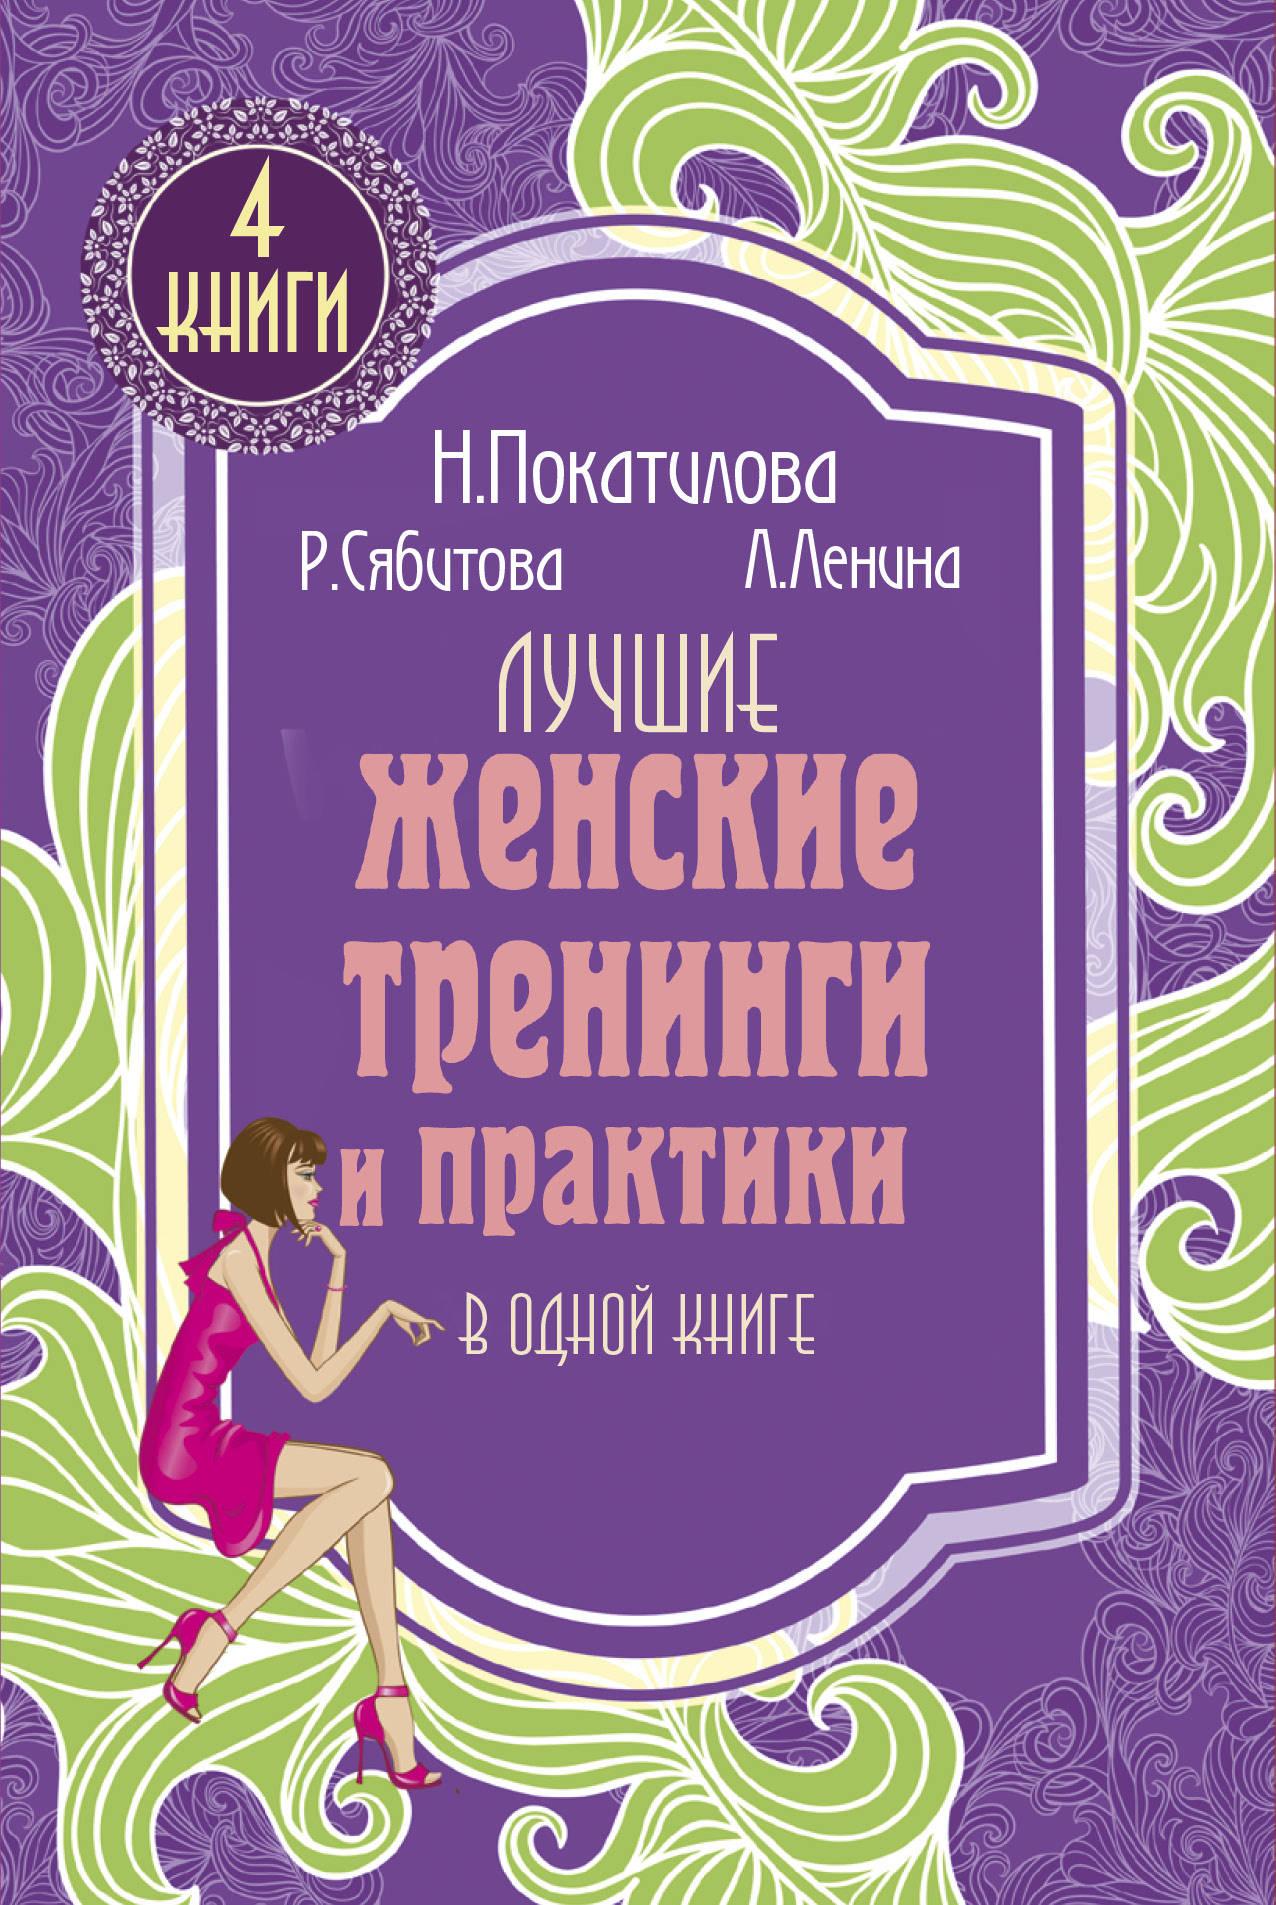 А. Г. Бильжо Лучшие женские тренинги и практики в одной книге е шацкая в вознесенская женские ответы на женские вопросы все лучшие тренинги для женщин в одной книге